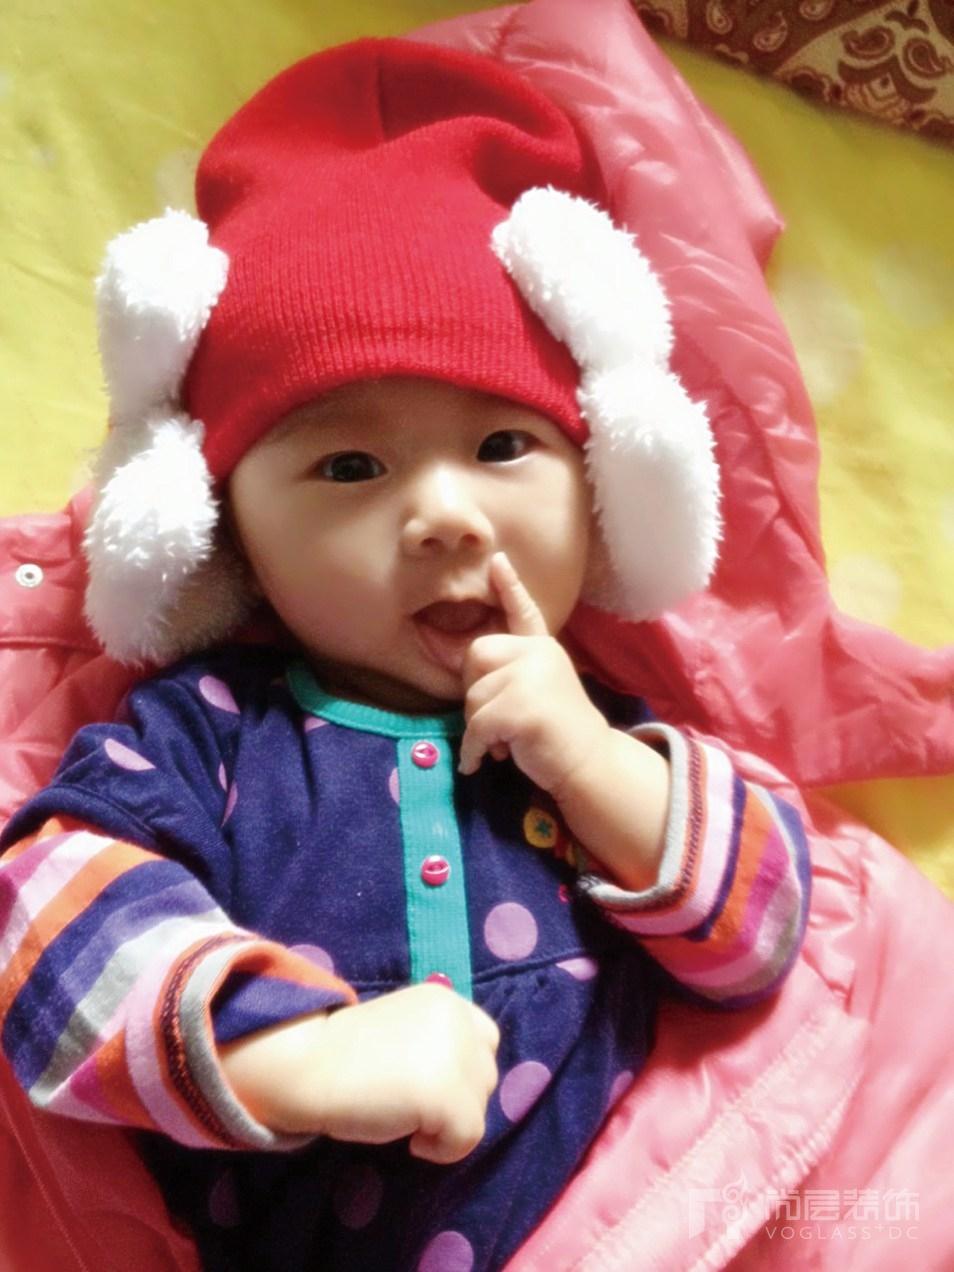 刘英凯的孩子